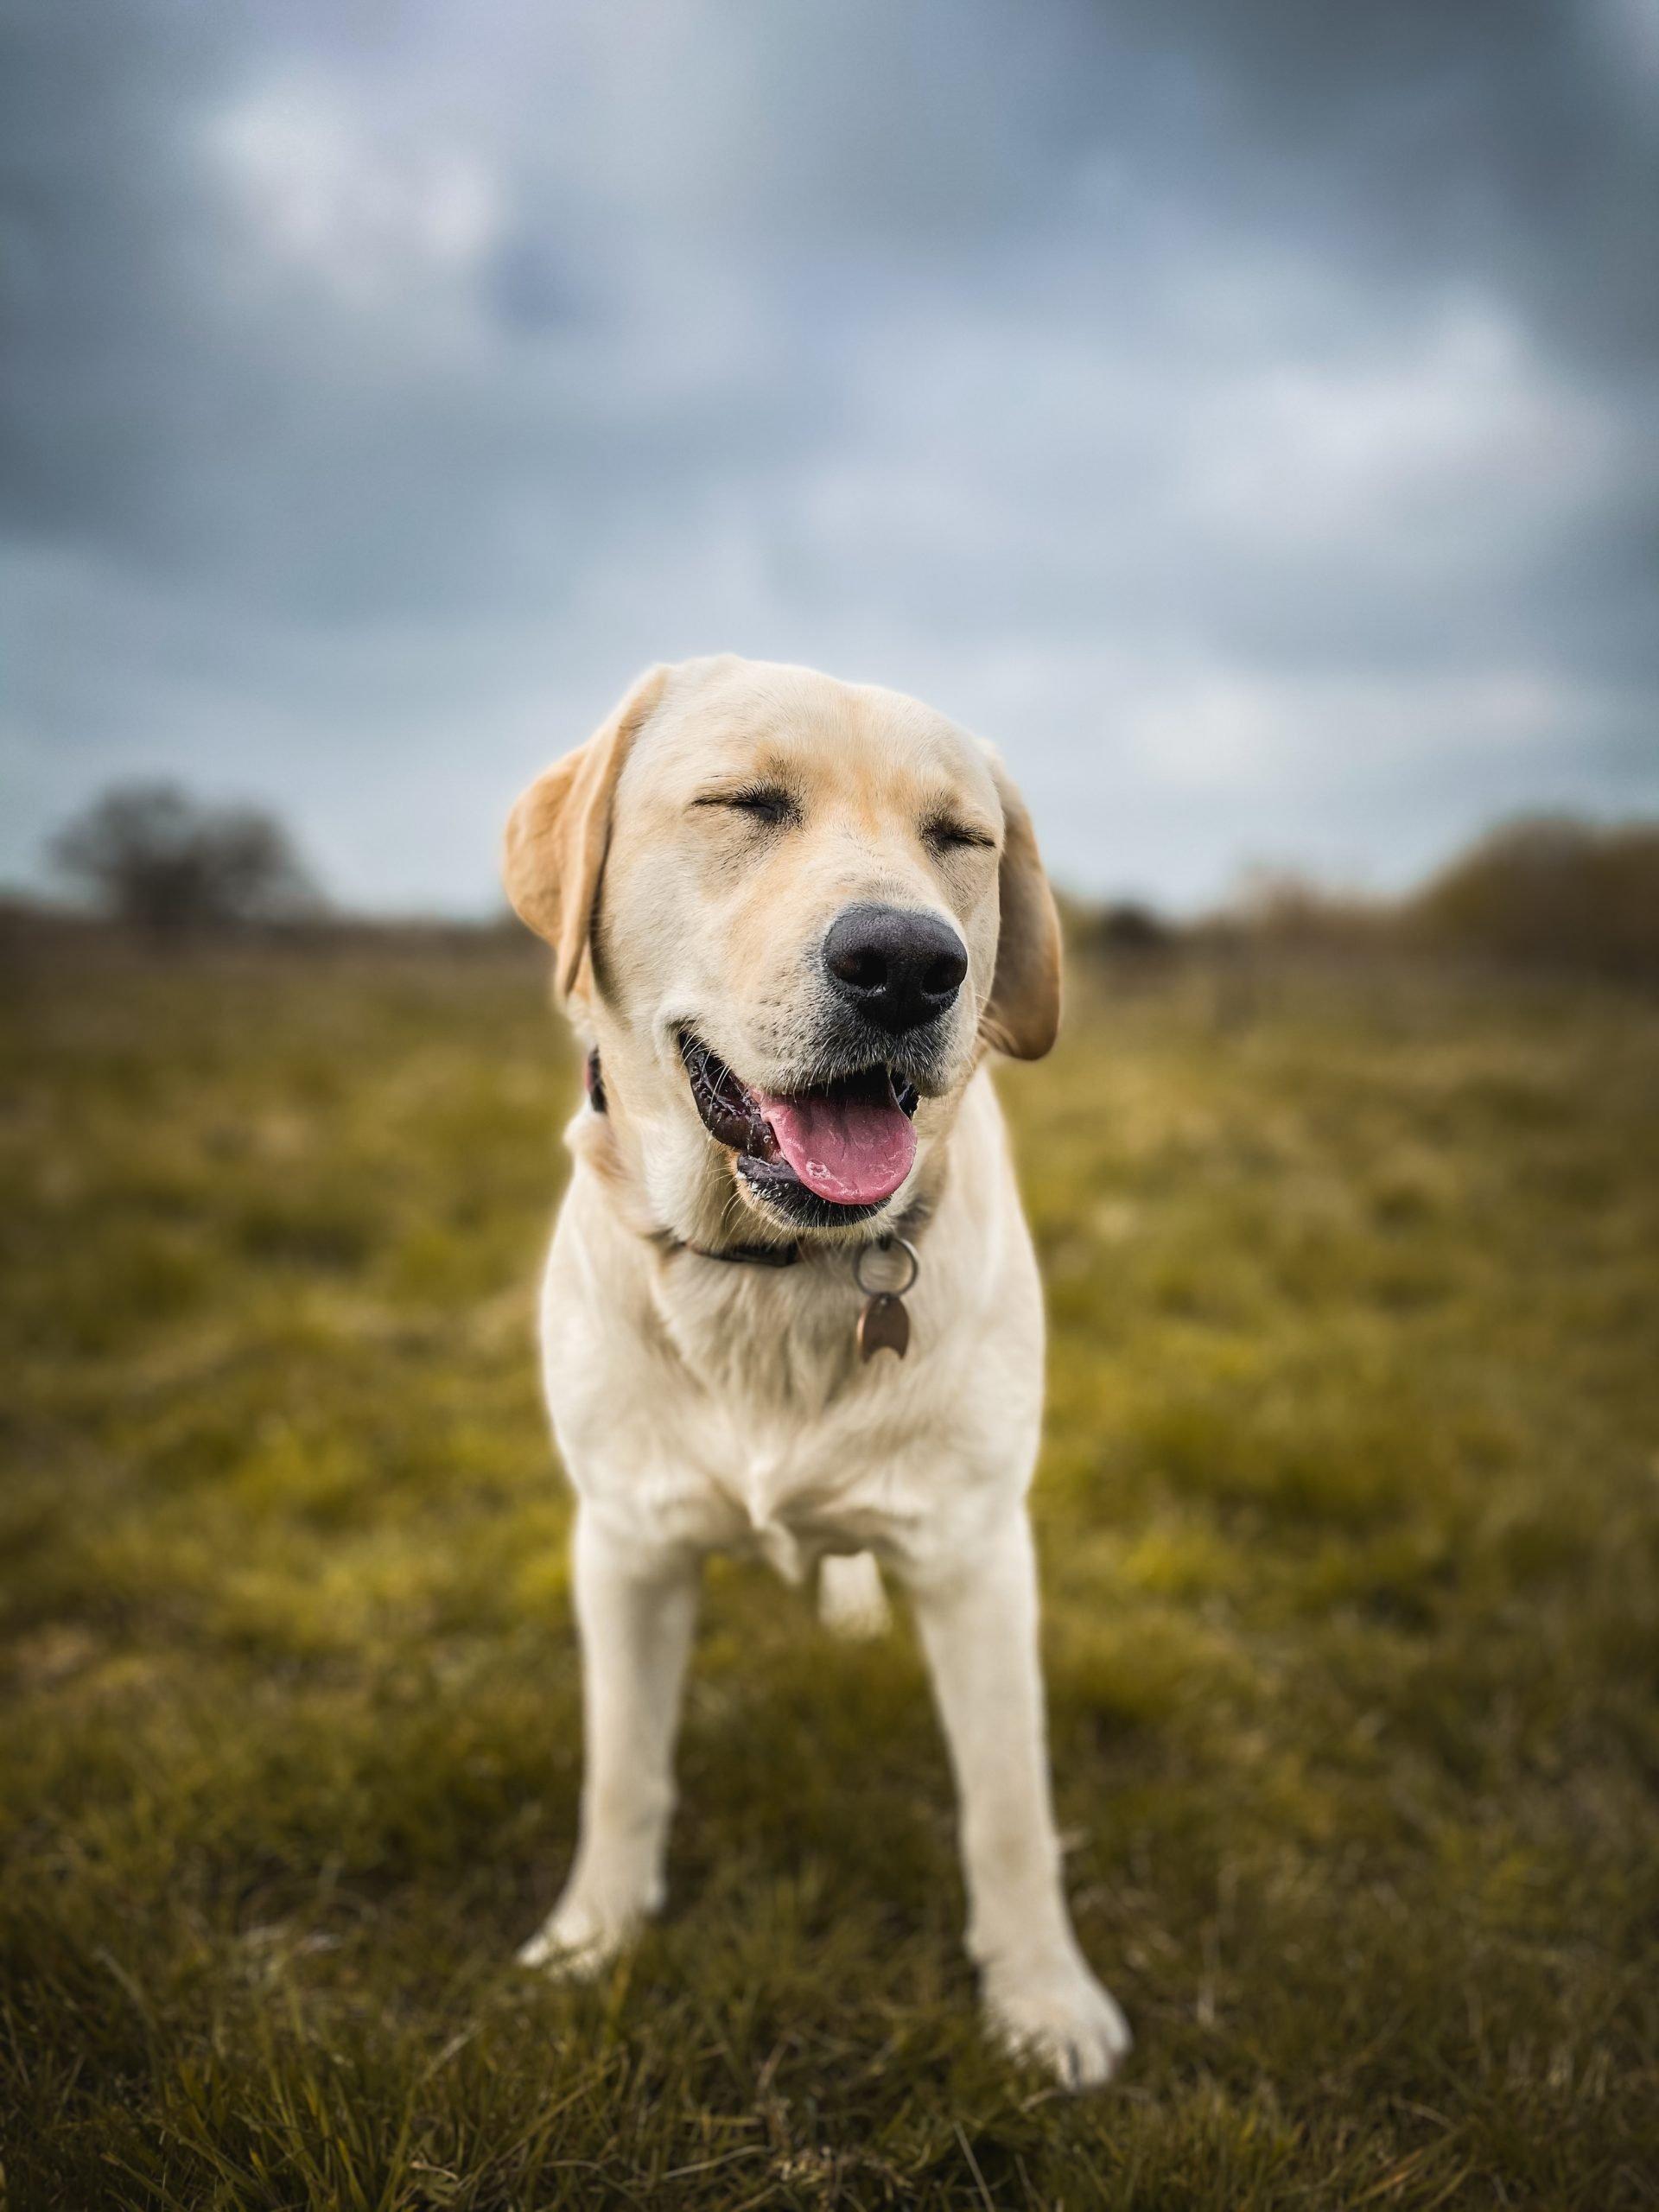 Doggy Daycare Malpas Worthenbury Wrexham Chester Walking Socialisation